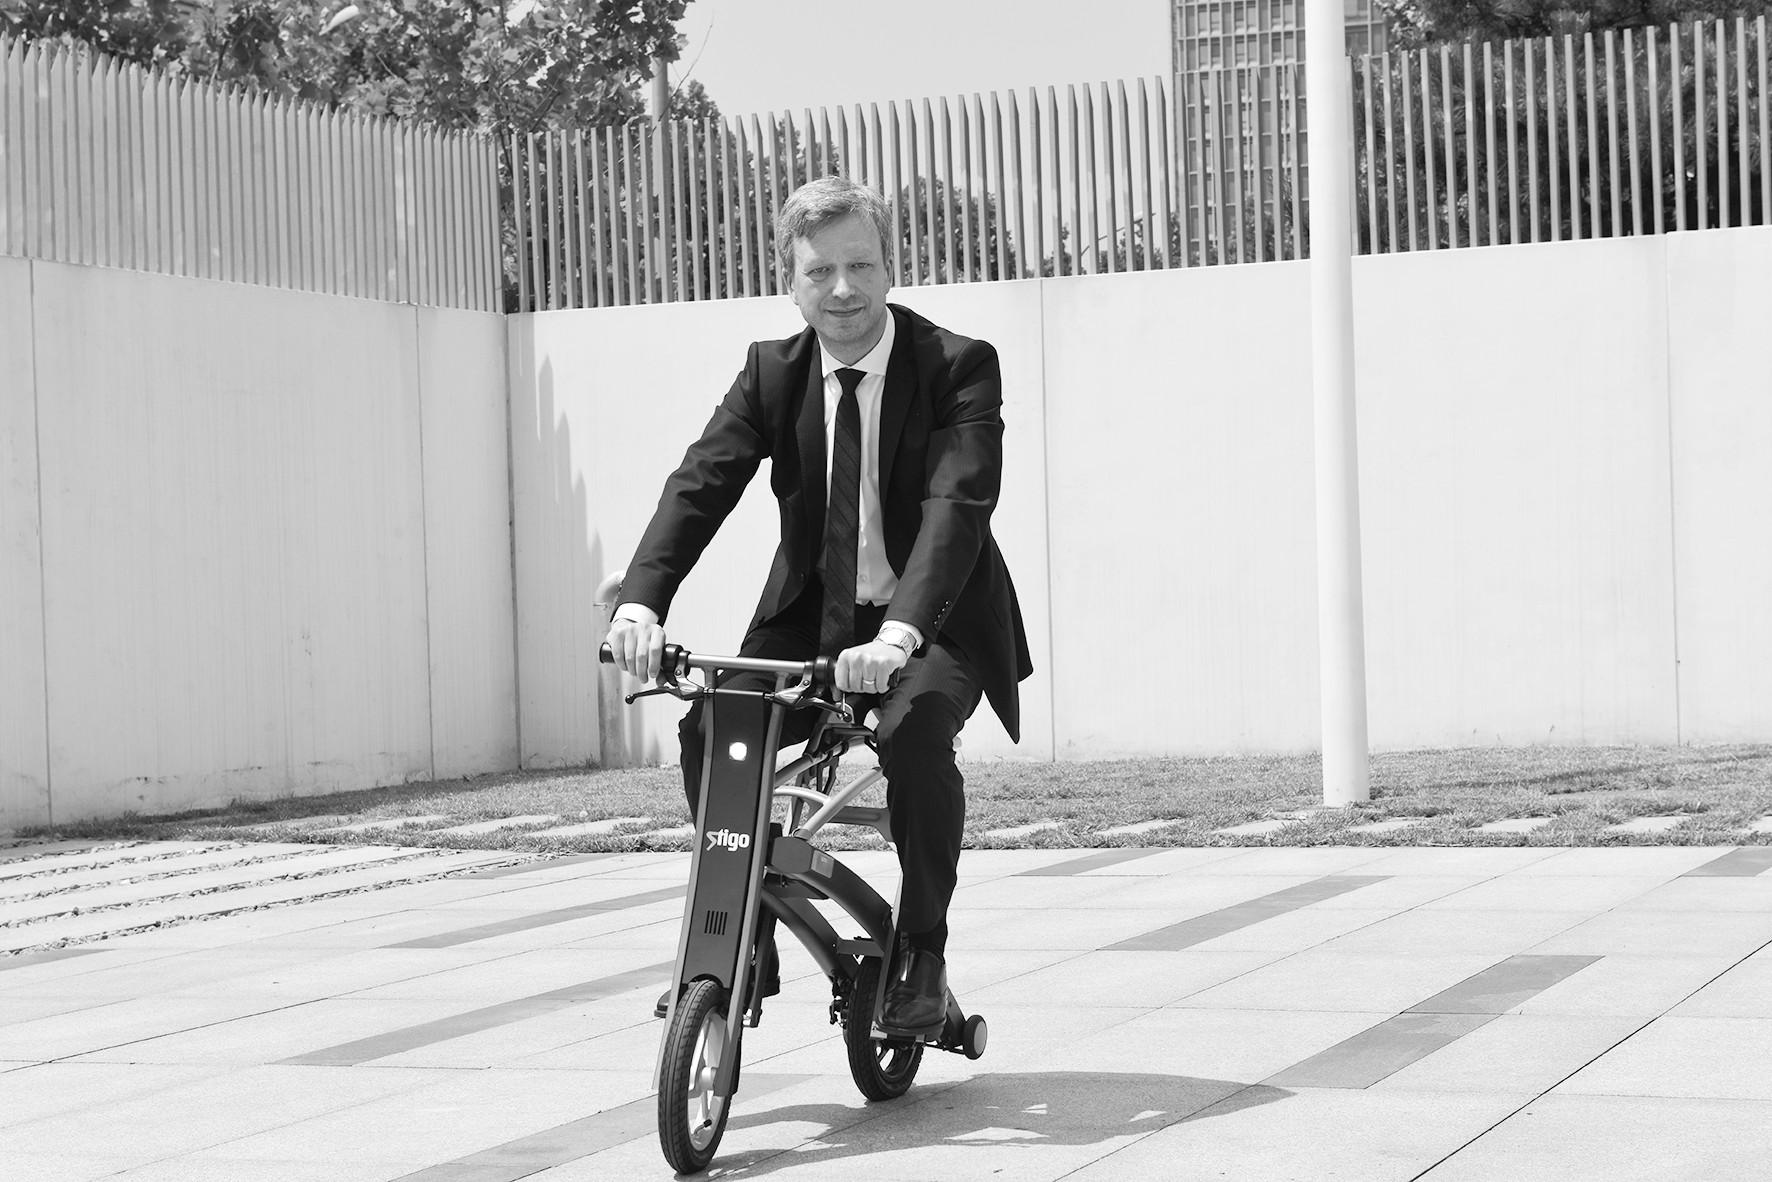 爱沙尼亚驻华大使高马腾:爱沙尼亚想尽快引入共享单车